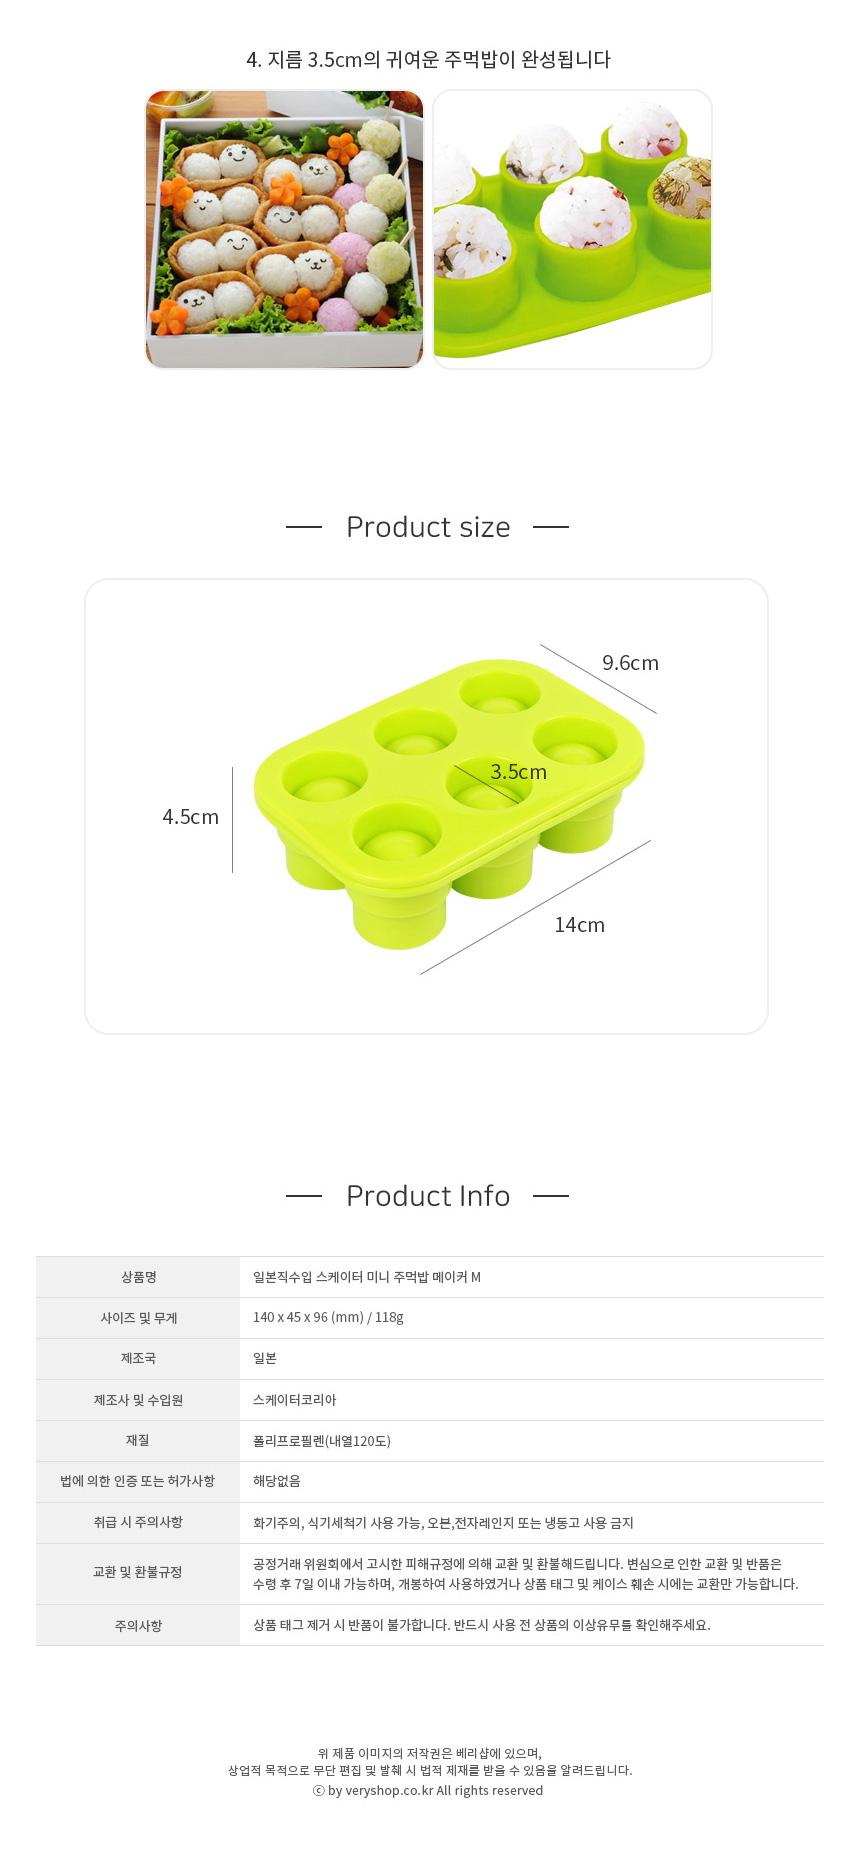 스케이터 미니 주먹밥 메이커 (M) - 스케이터, 5,000원, 조리도구, 김밥/주먹밥틀